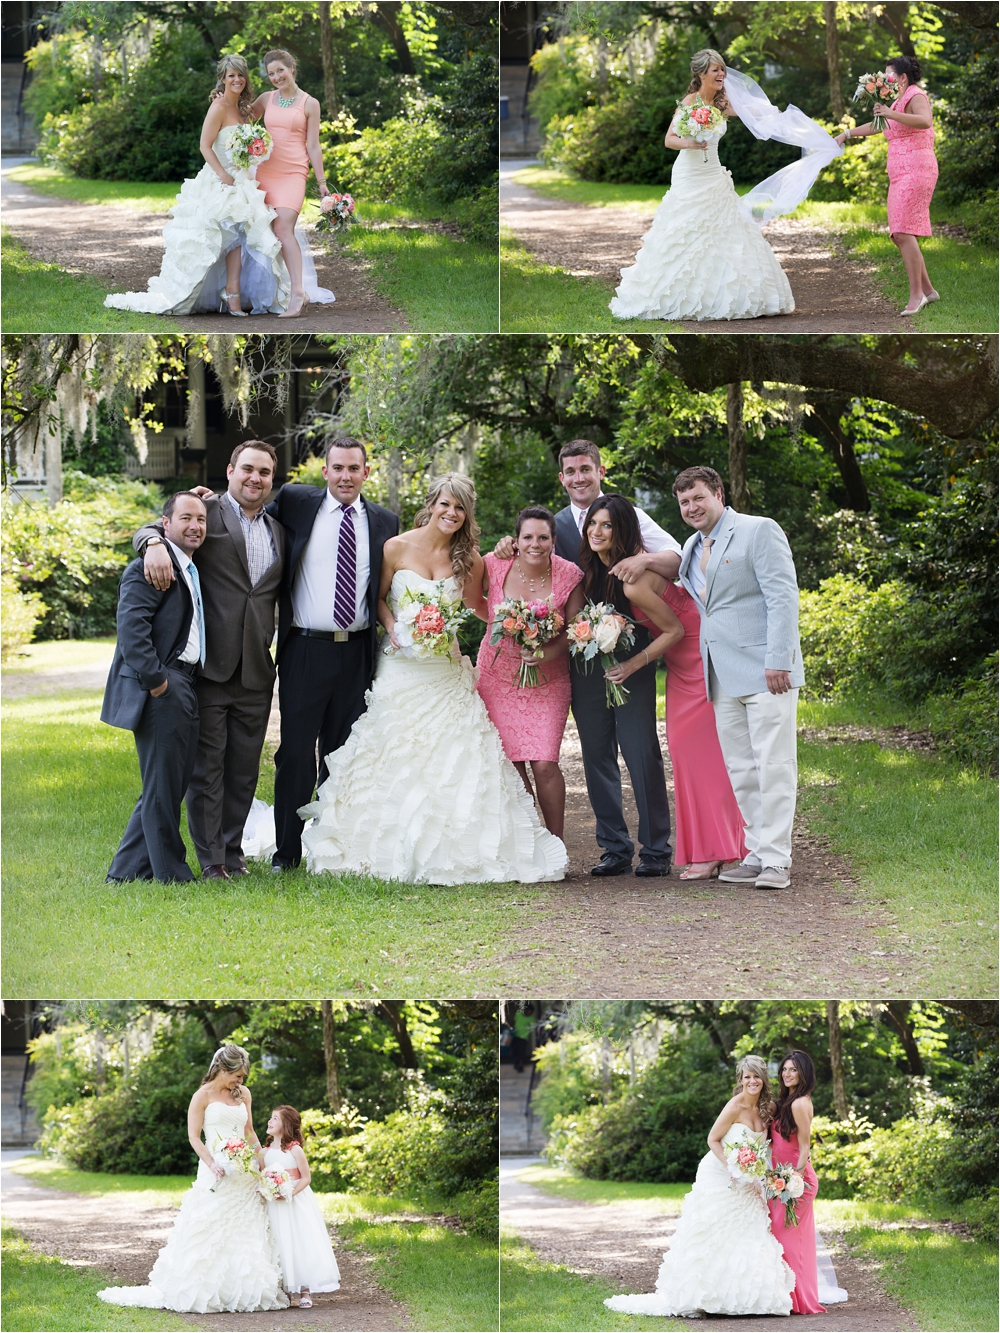 South carolina destination wedding magnolia plantation for Wedding photography kansas city